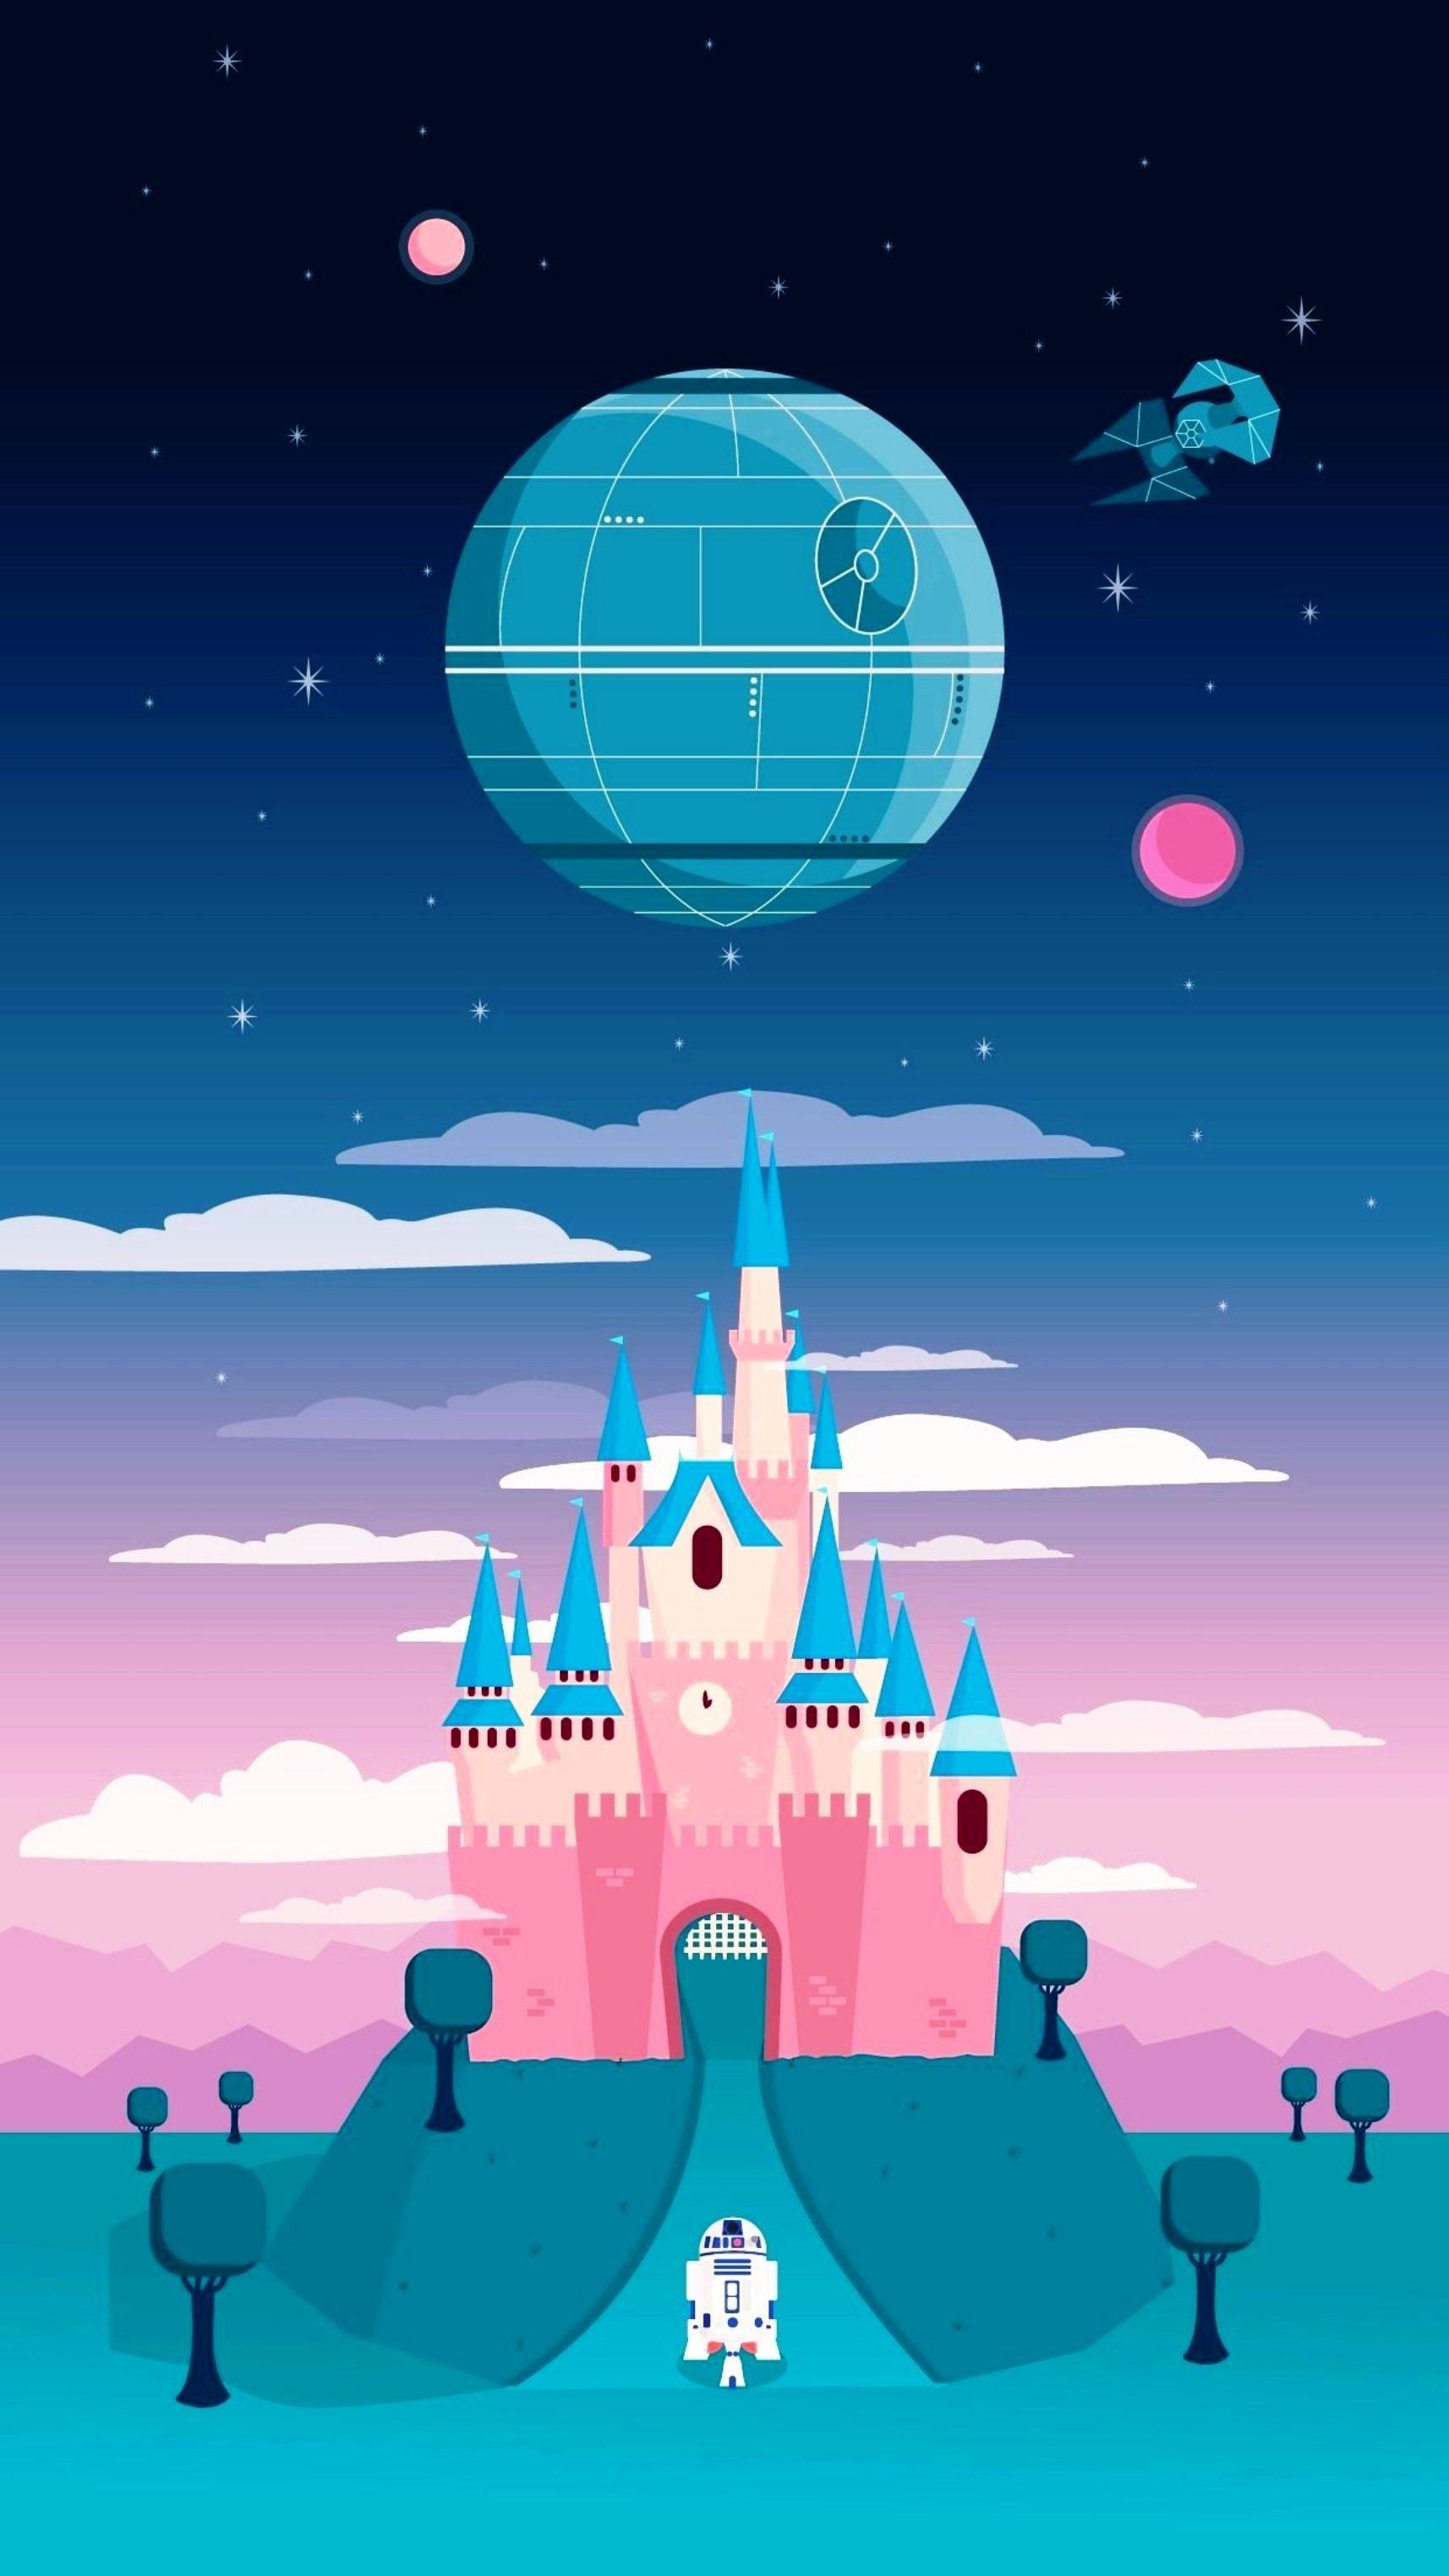 Pastel Disney Wallpapers Top Free Pastel Disney